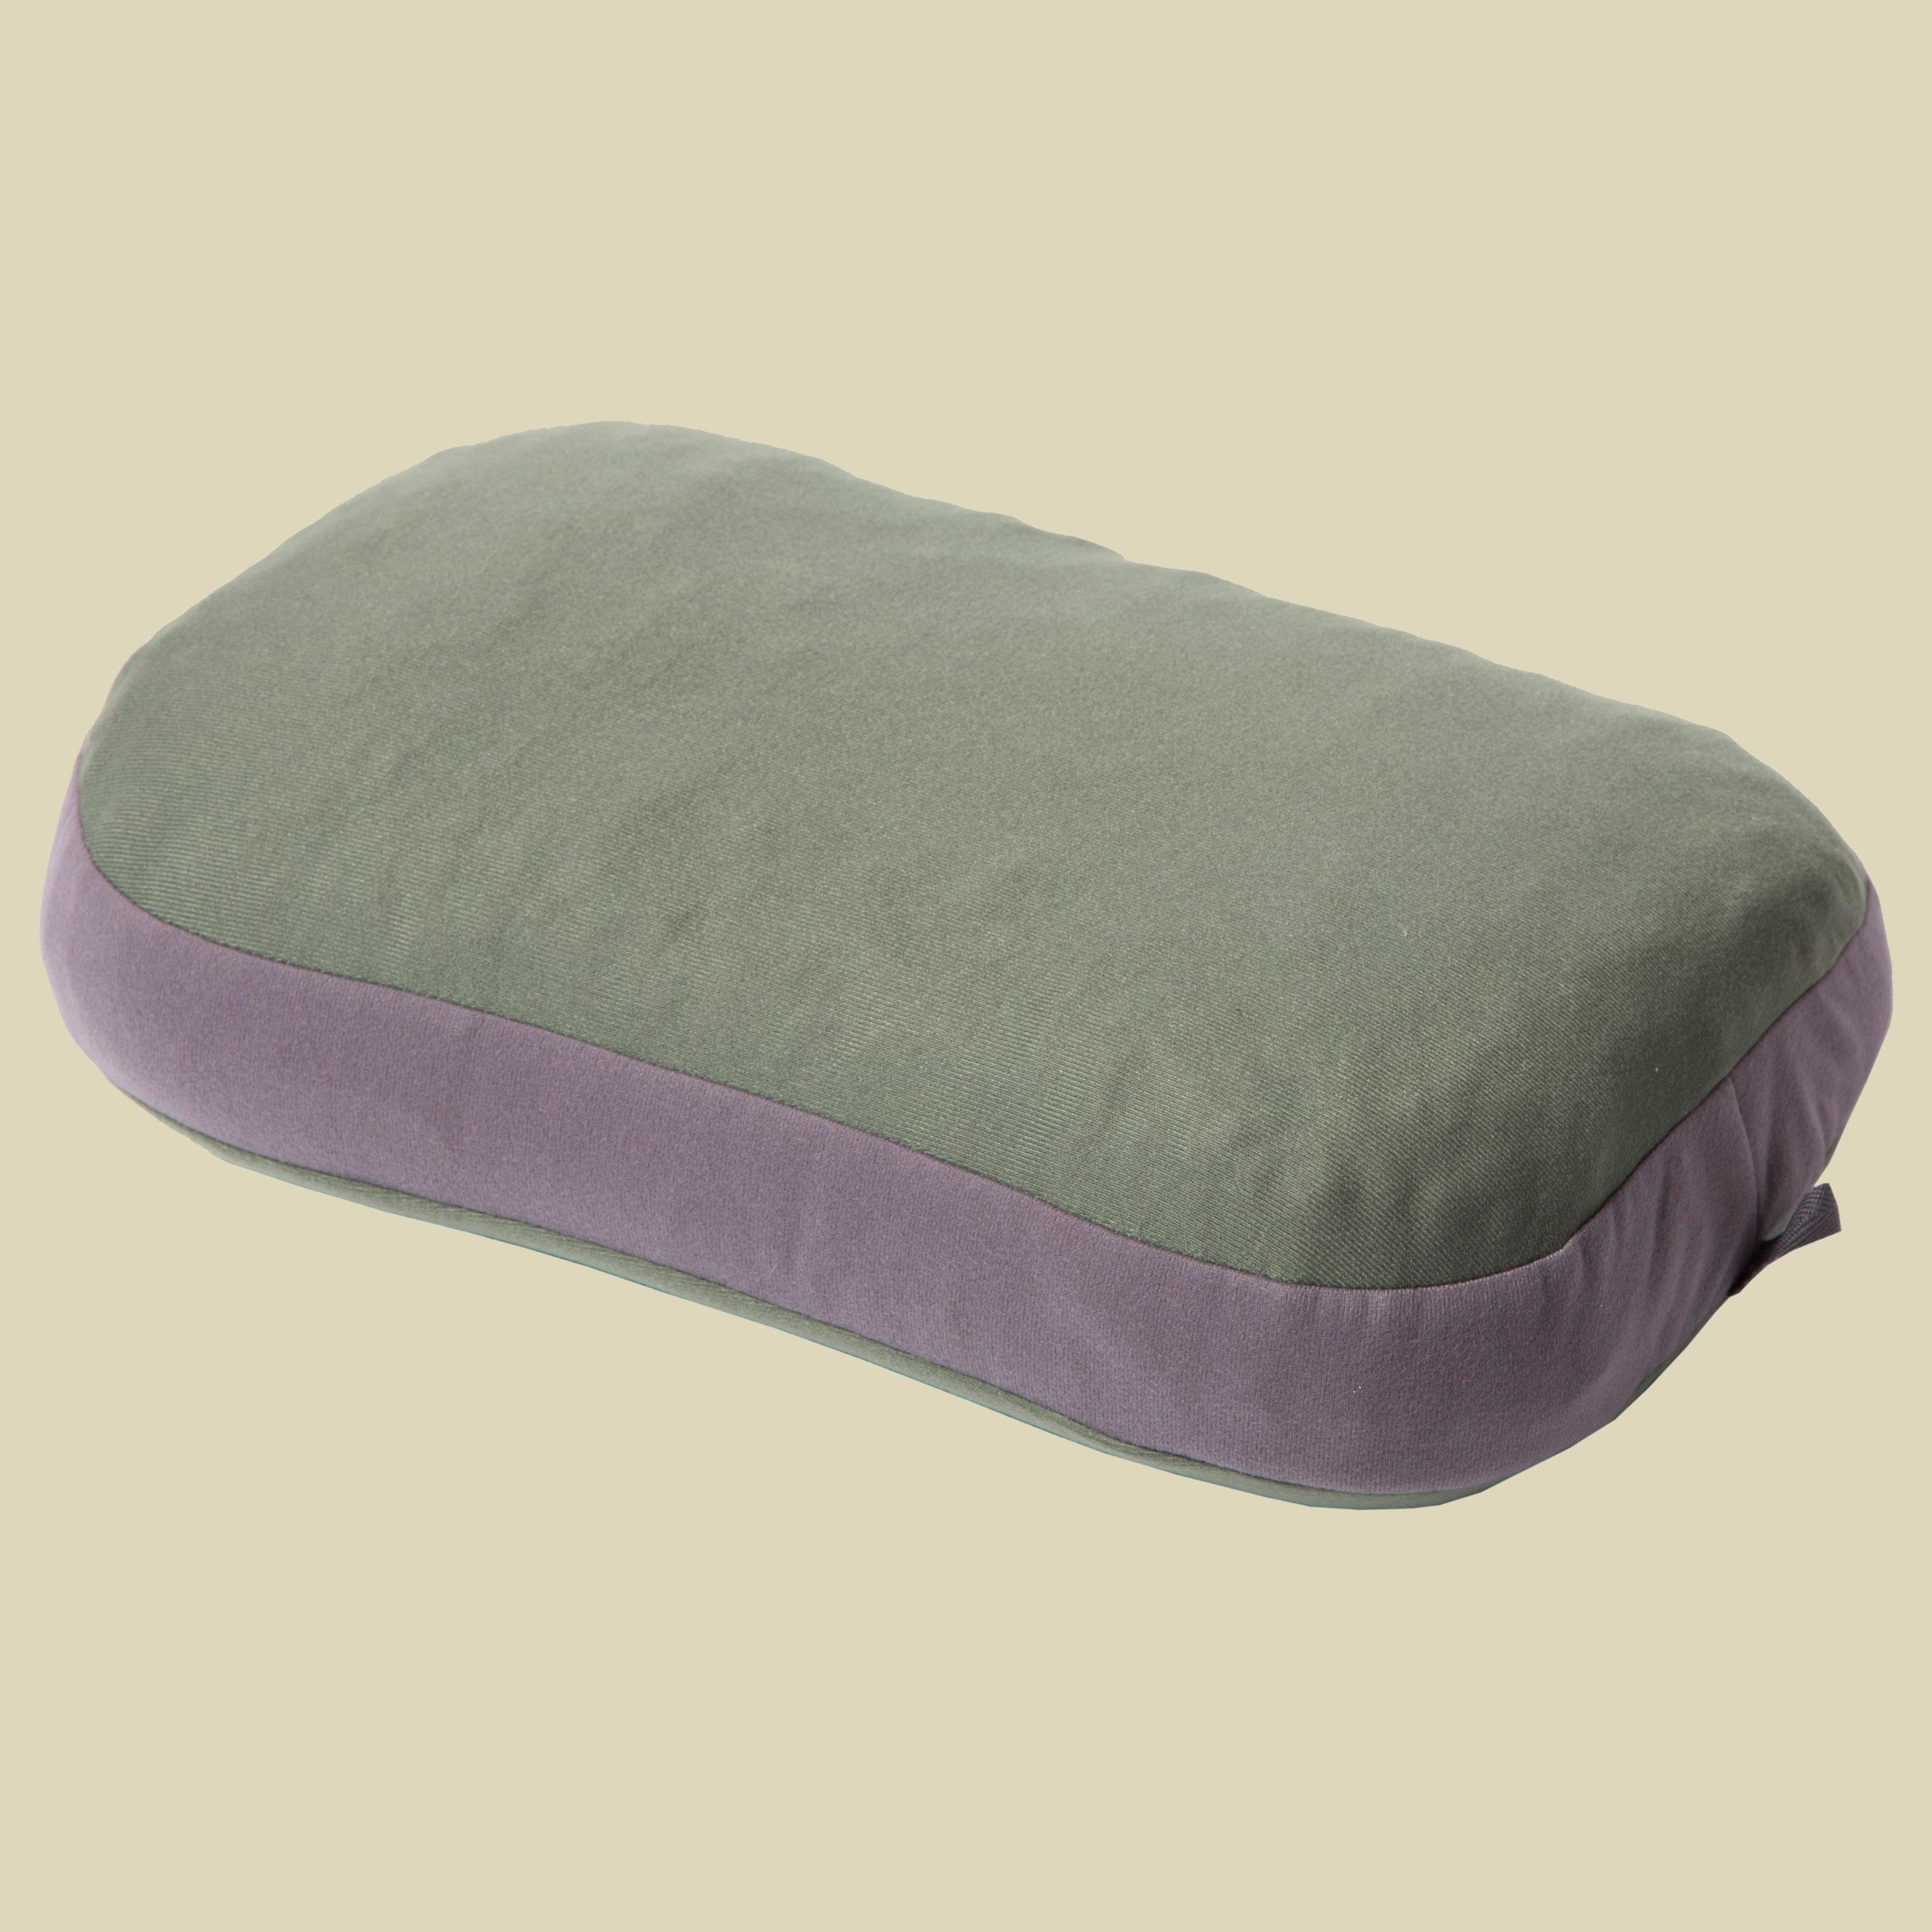 Exped REM Pillow M Kopfkissen mit Schaumstoff-Füllung Größe 38 x 25 x 13 cm green-grey